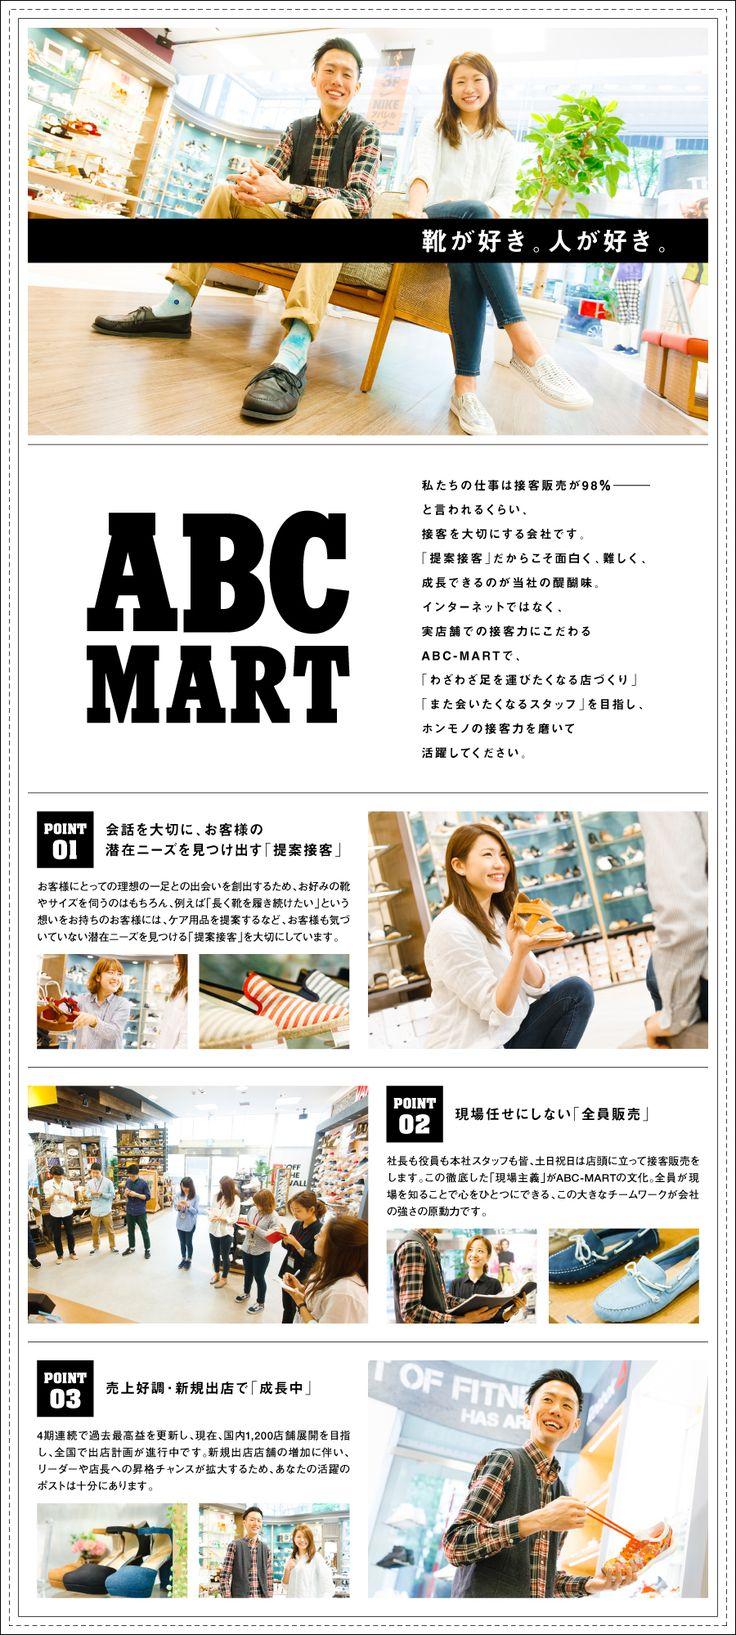 株式会社エービーシー・マート ― ABC-MART ― 【東証一部上場企業】/ABC-MARTの販売スタッフ(店長候補)※未経験者も歓迎(854569) | マイナビ転職